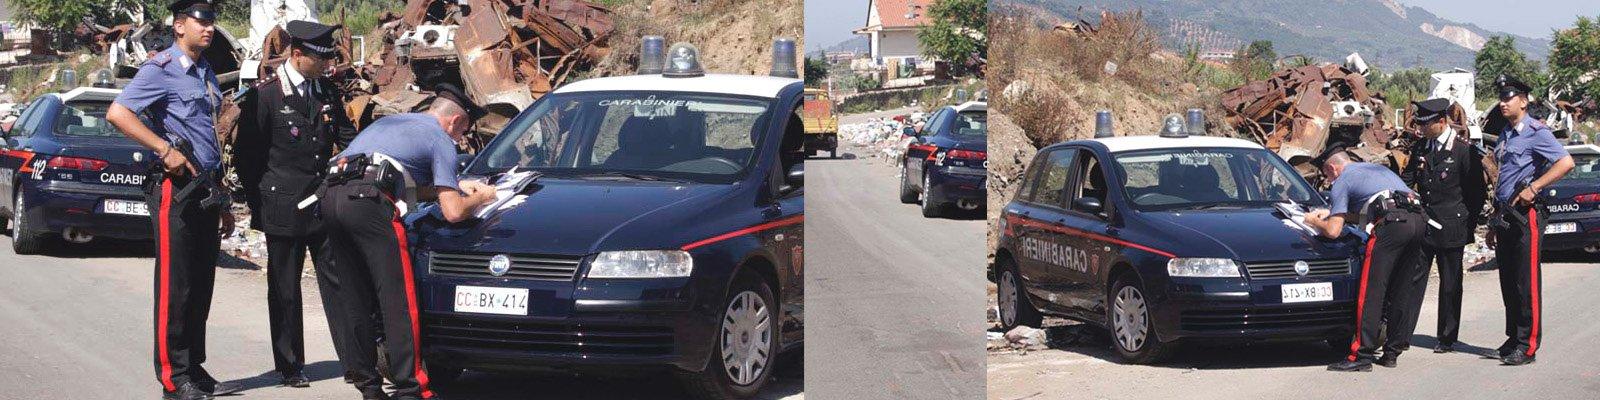 carabinieri blocco rom